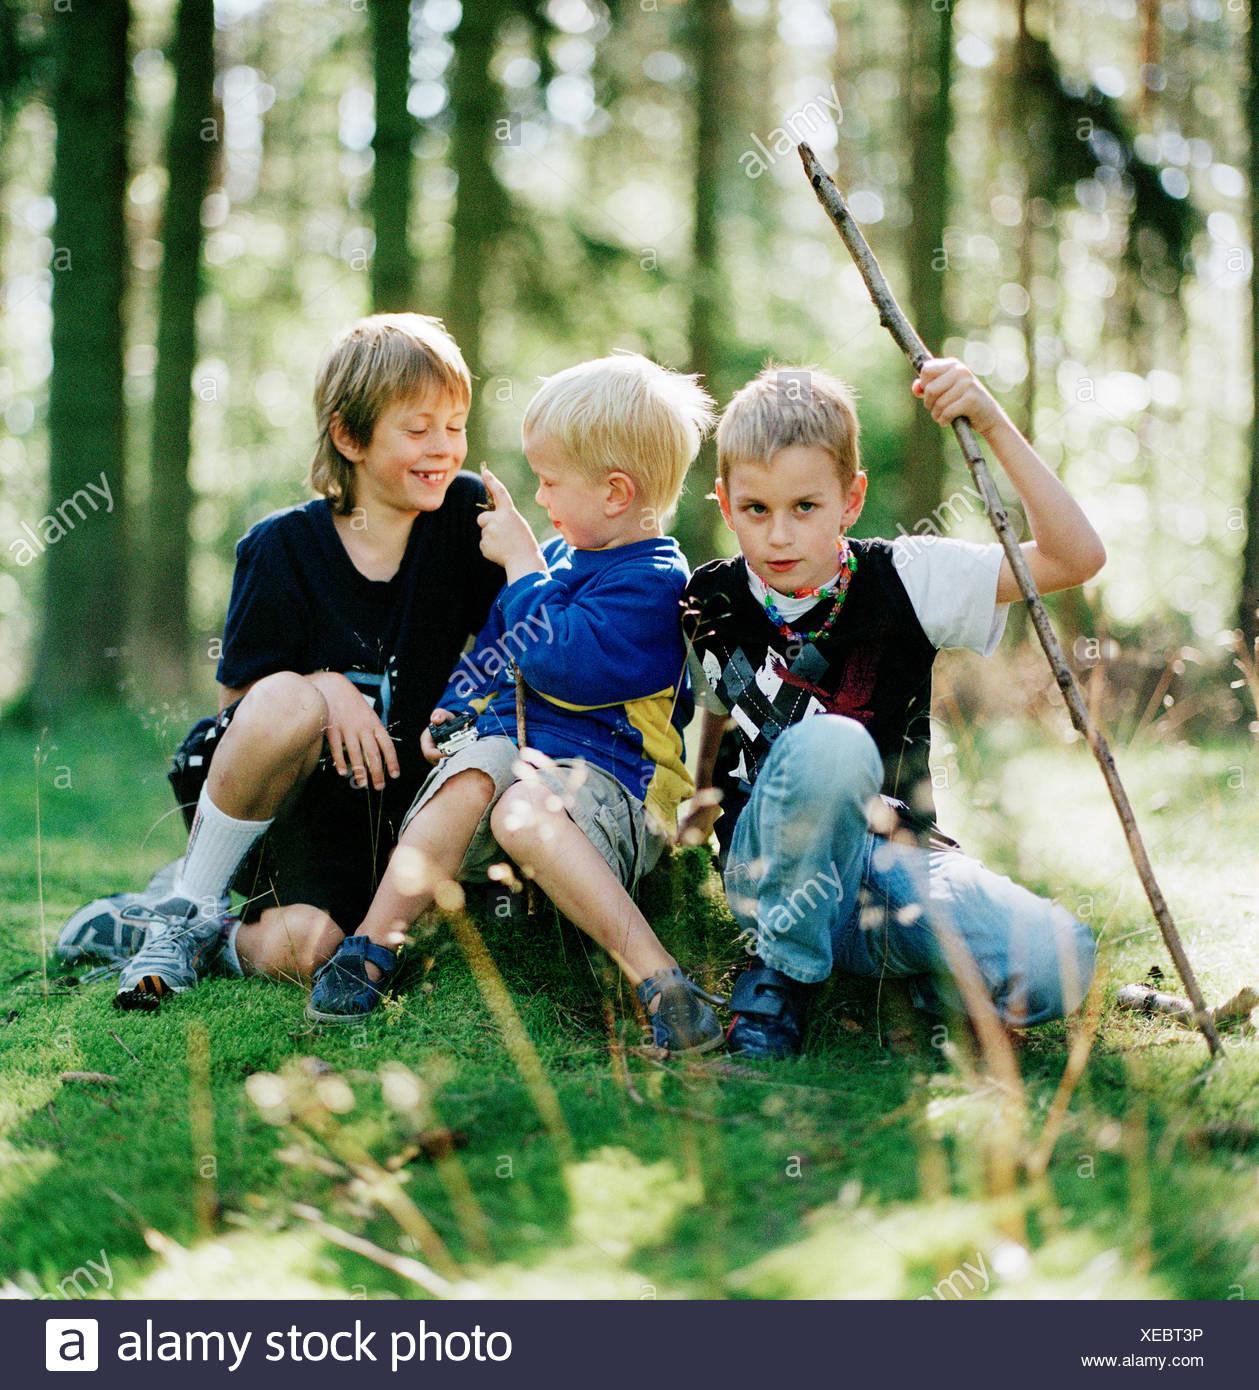 Jungs spielen in einem Wald, Schweden. Stockbild